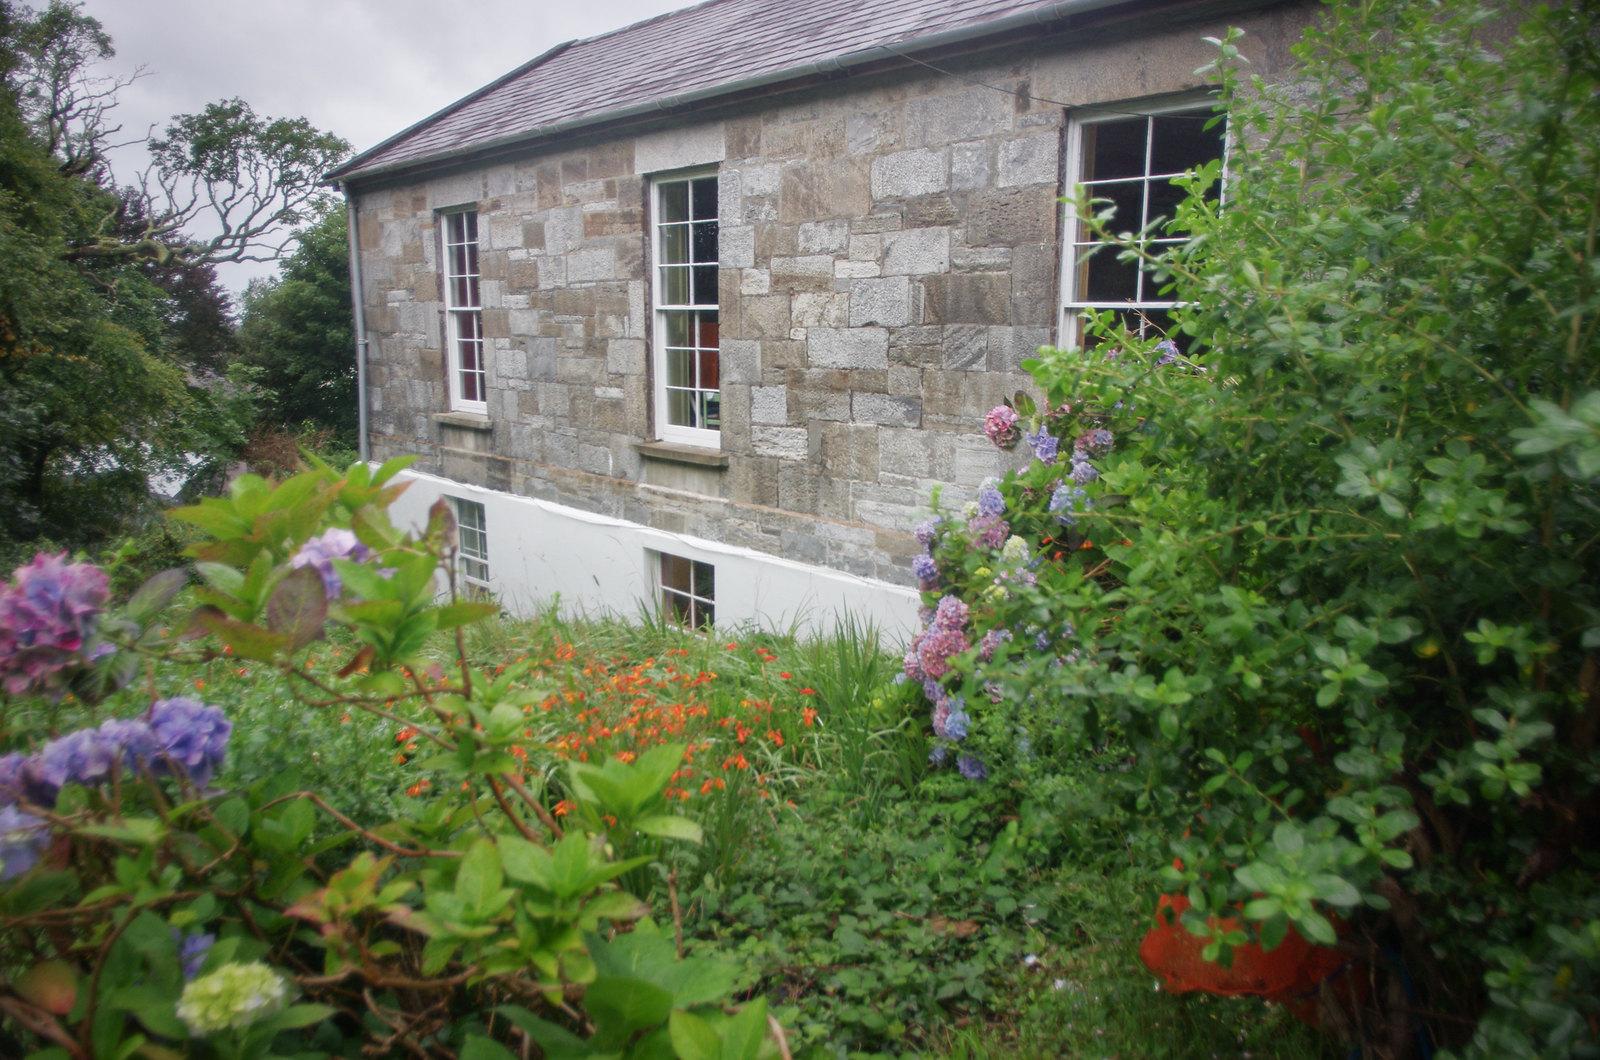 Dormir dans un monastère au Connemara - Carnet de voyage en Irlande